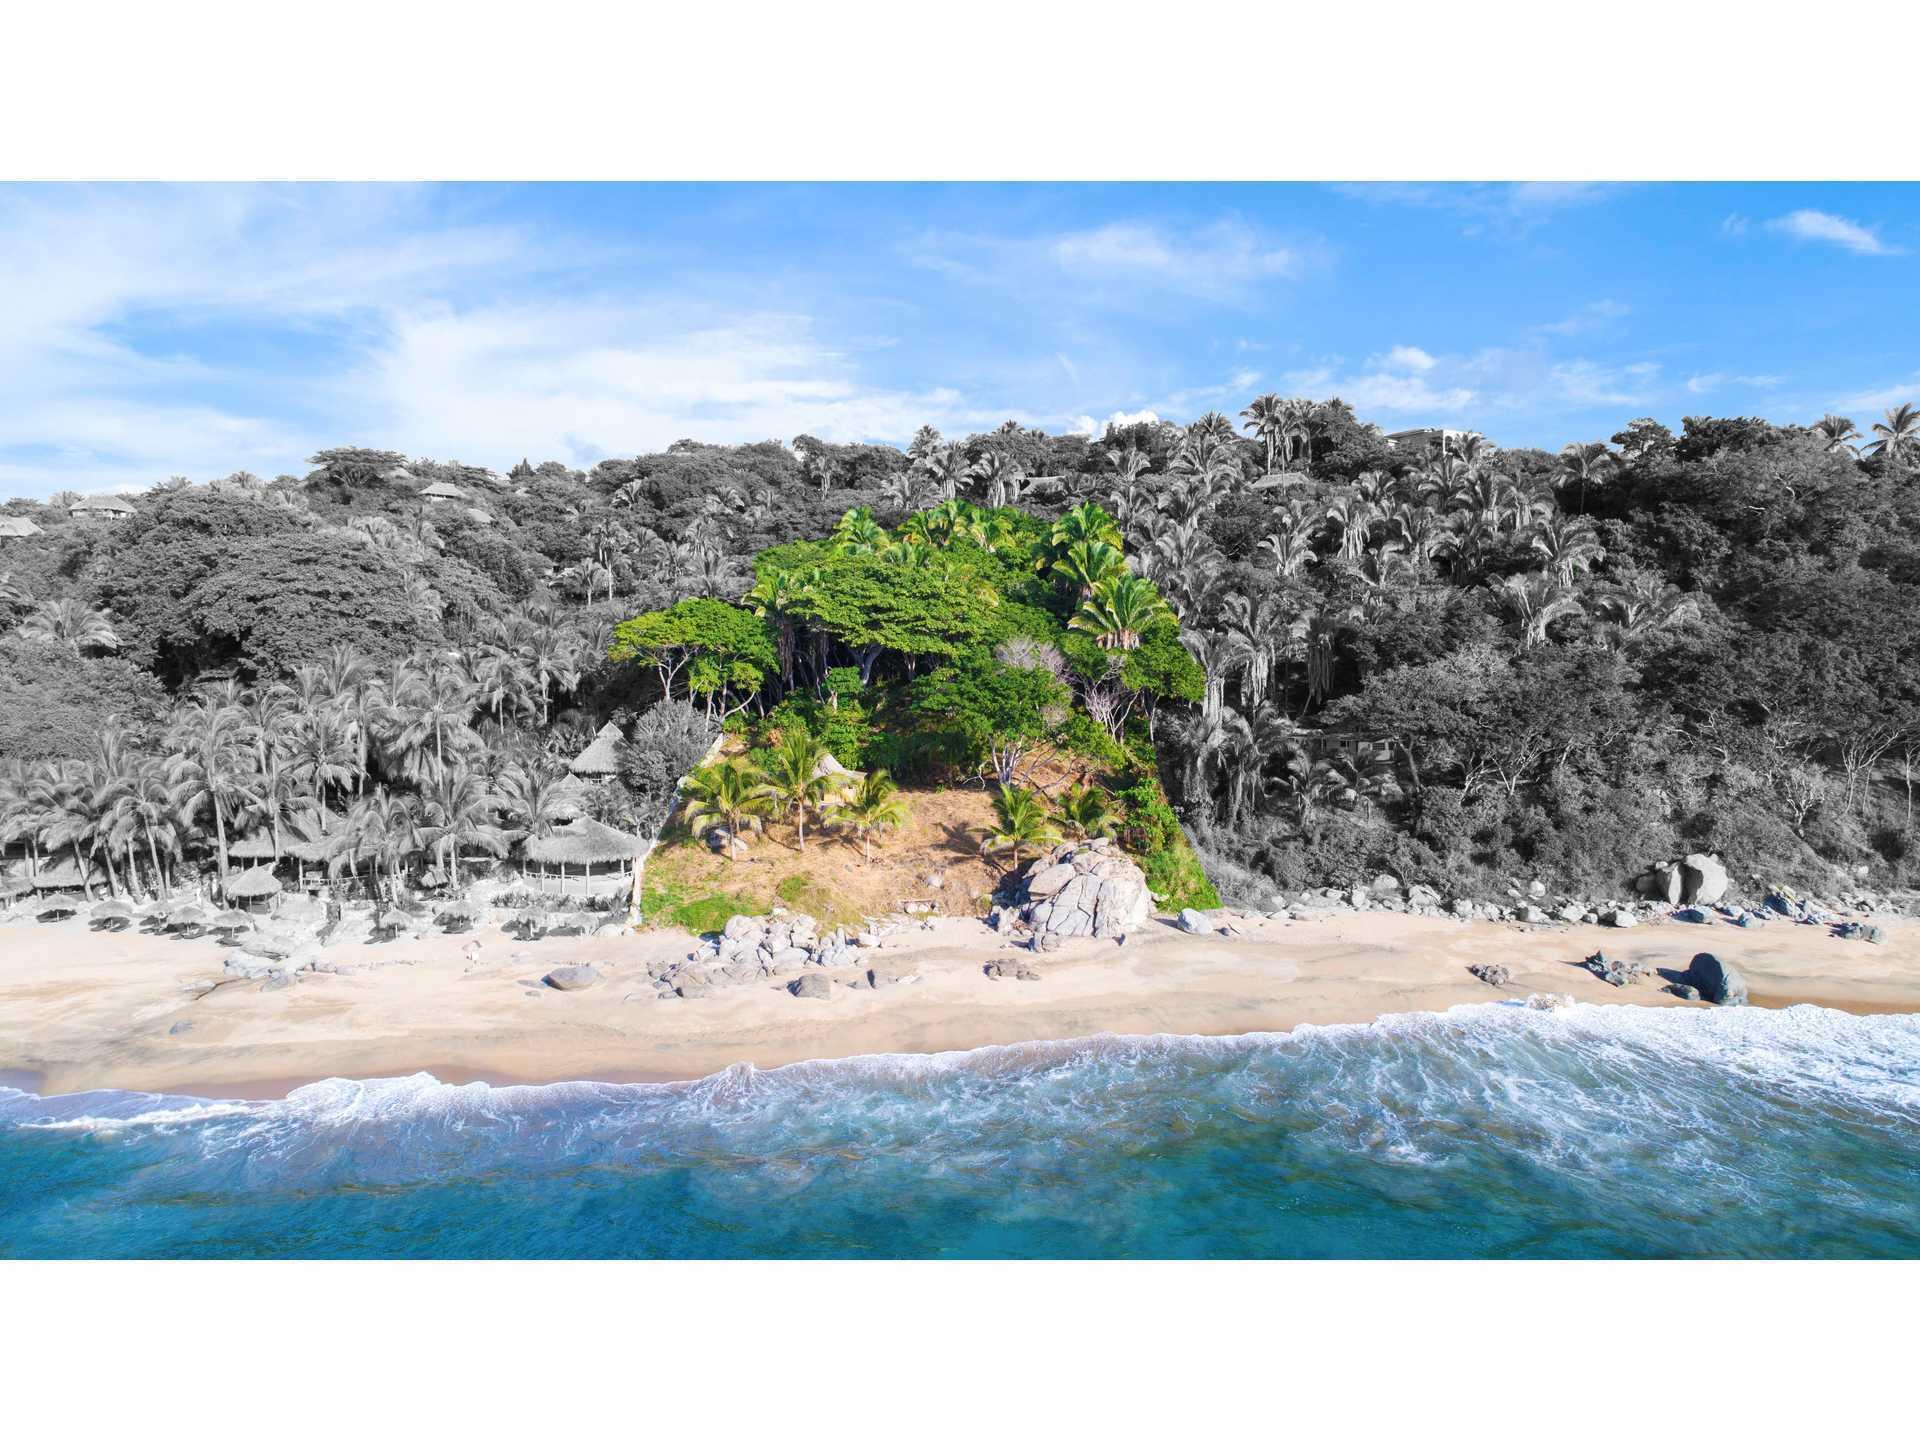 Camino A Playa Escondida 3 Sayulita 63732 Mls The Agency